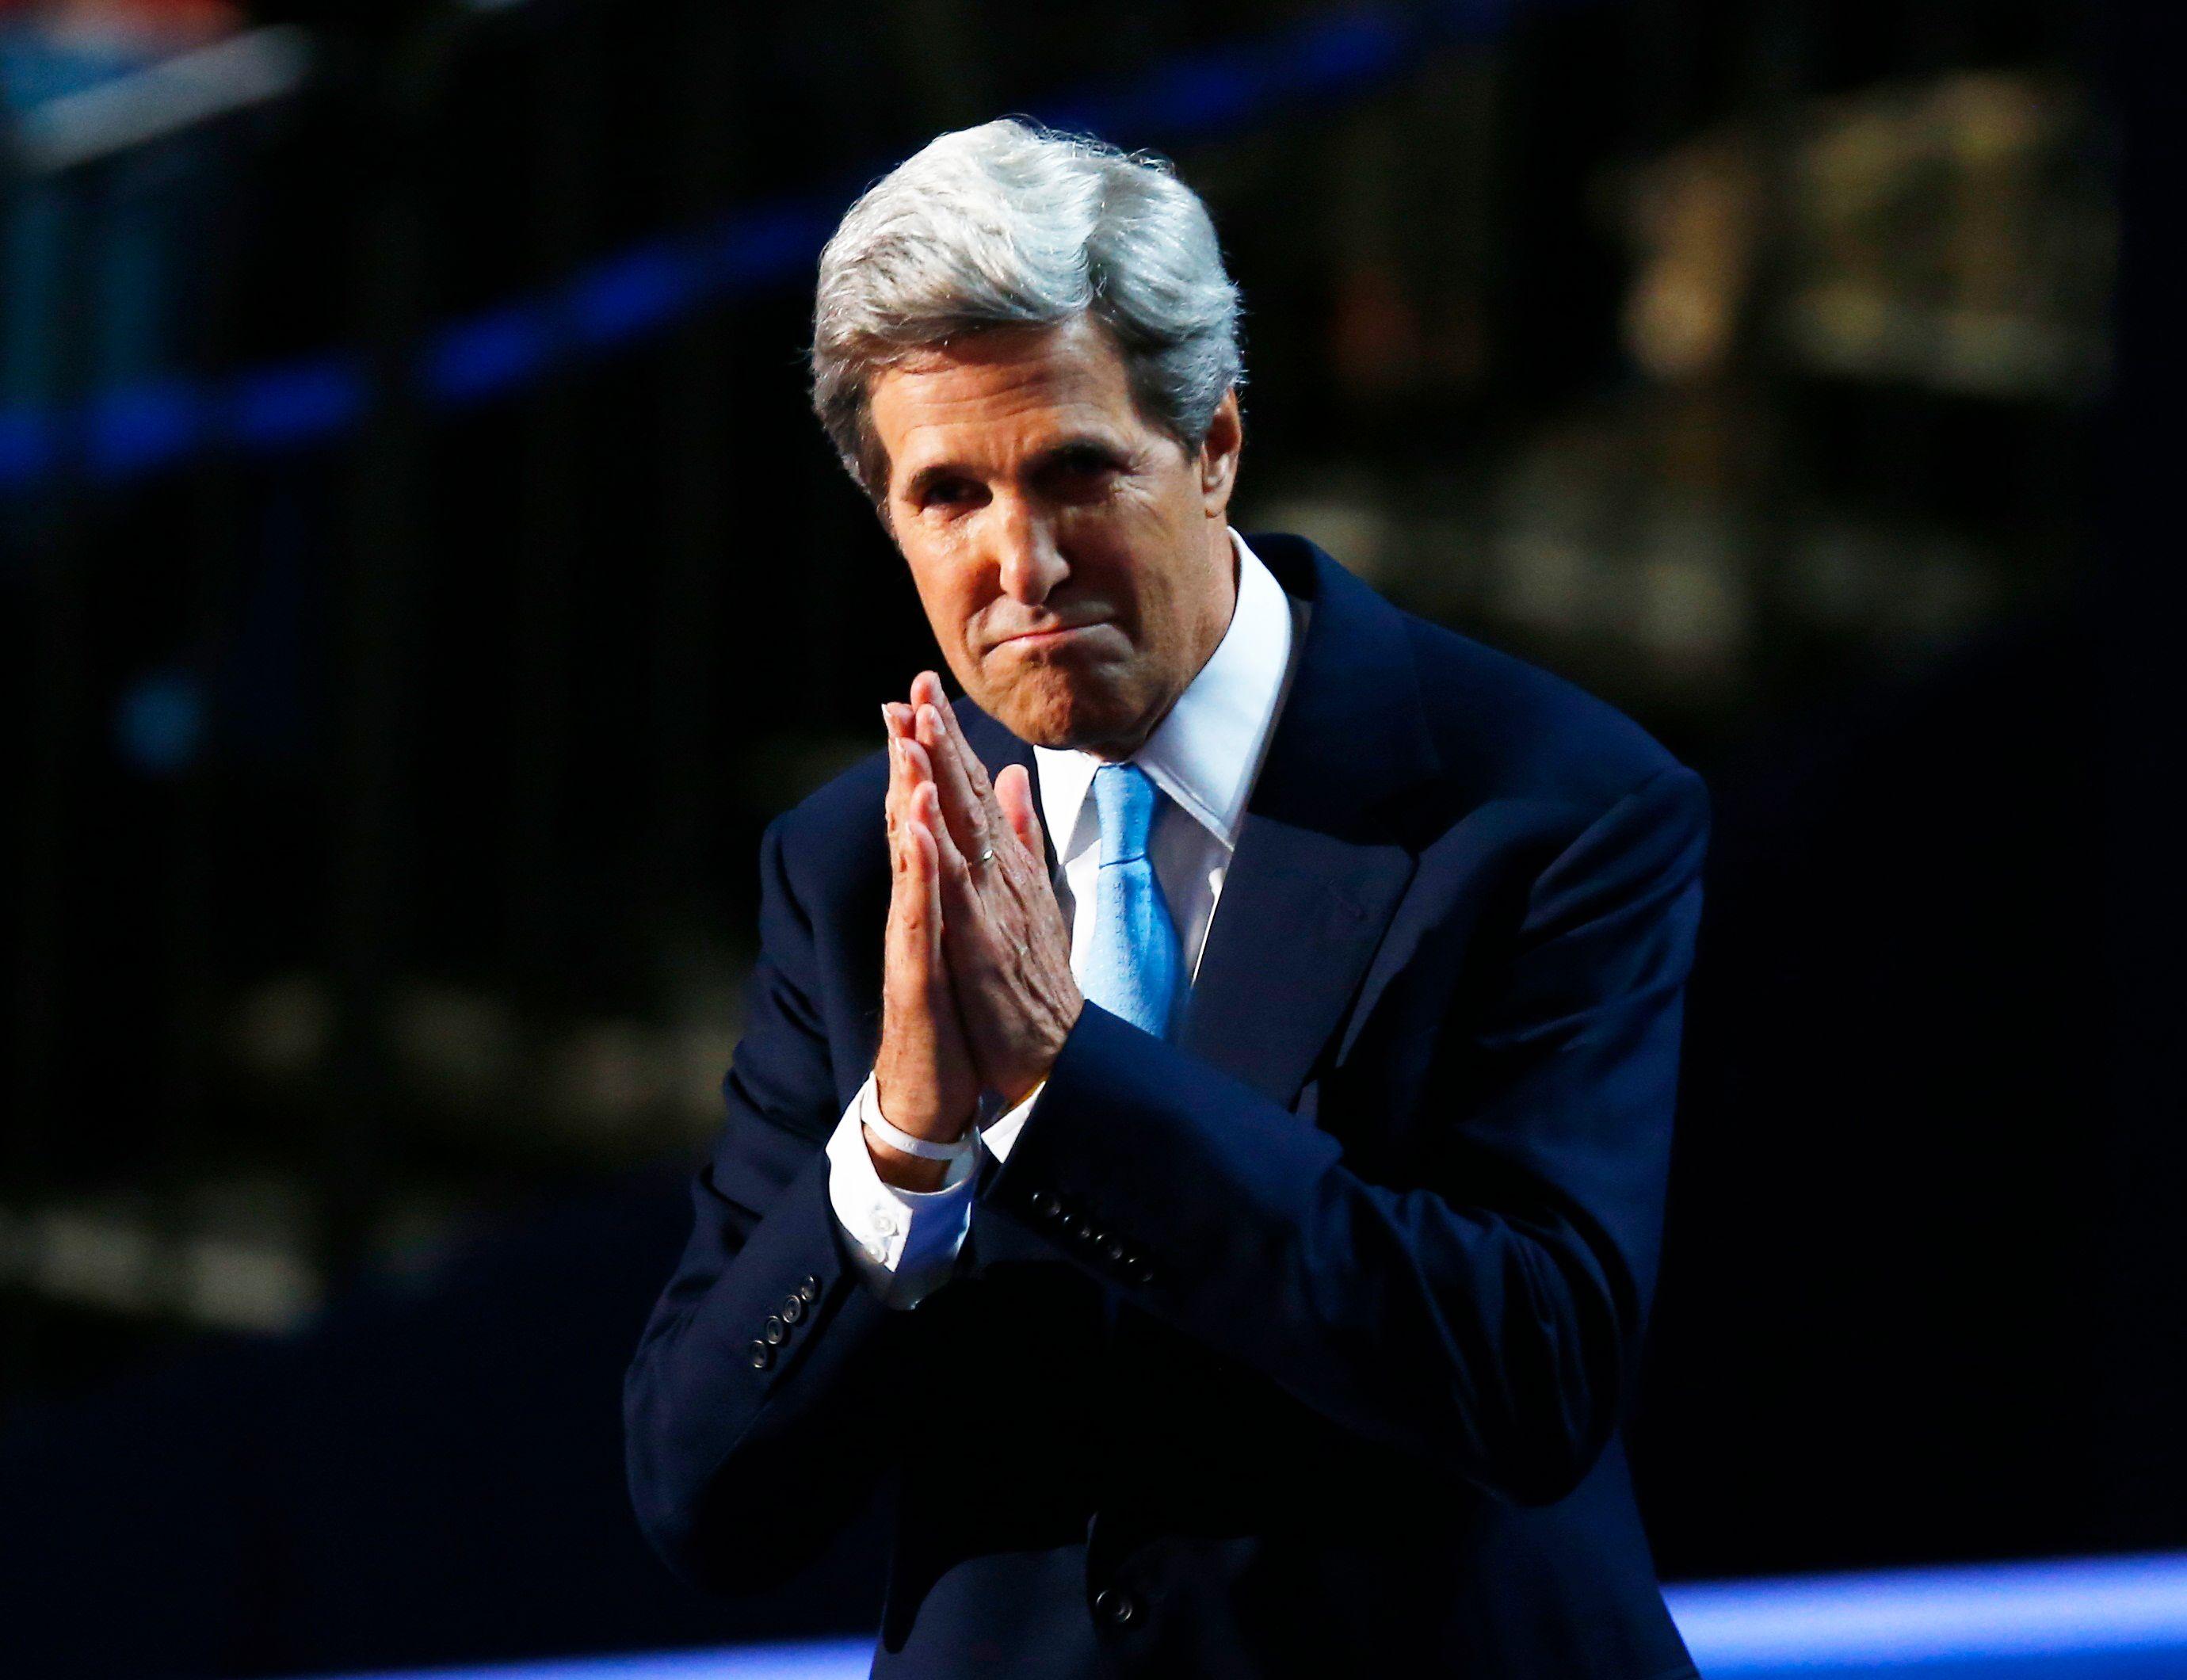 Israël aurait mis sur écoute John Kerry